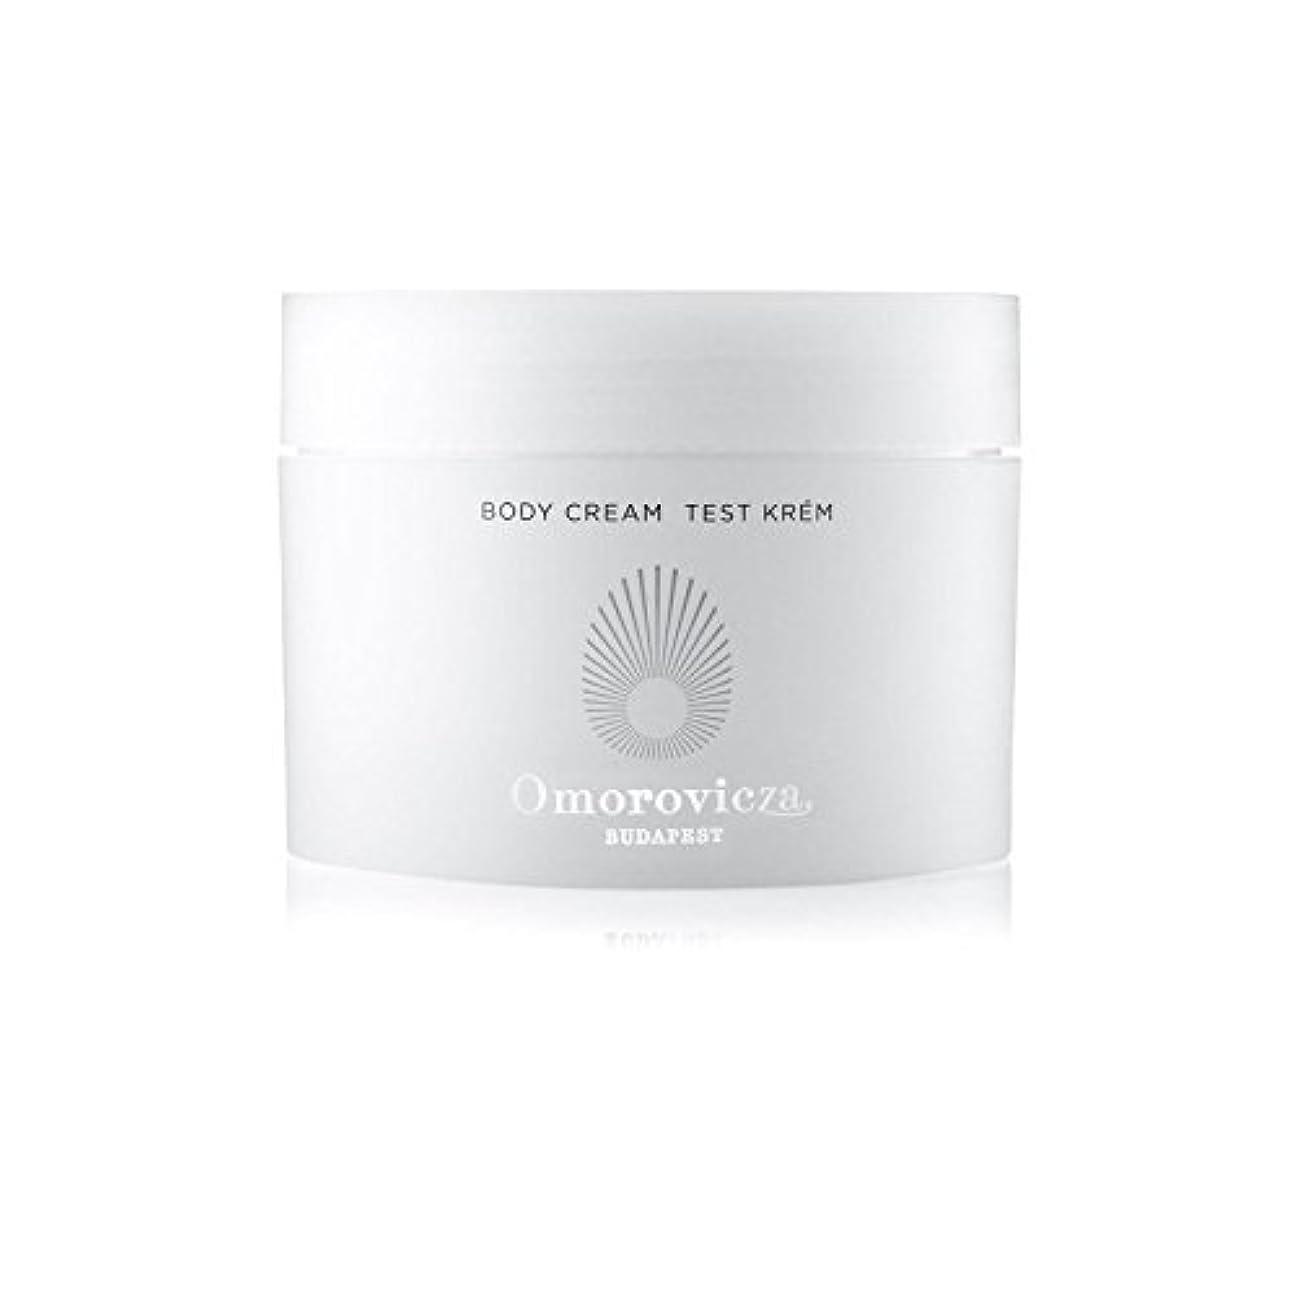 反映する著作権シールドボディクリーム(200ミリリットル) x2 - Omorovicza Body Cream (200ml) (Pack of 2) [並行輸入品]